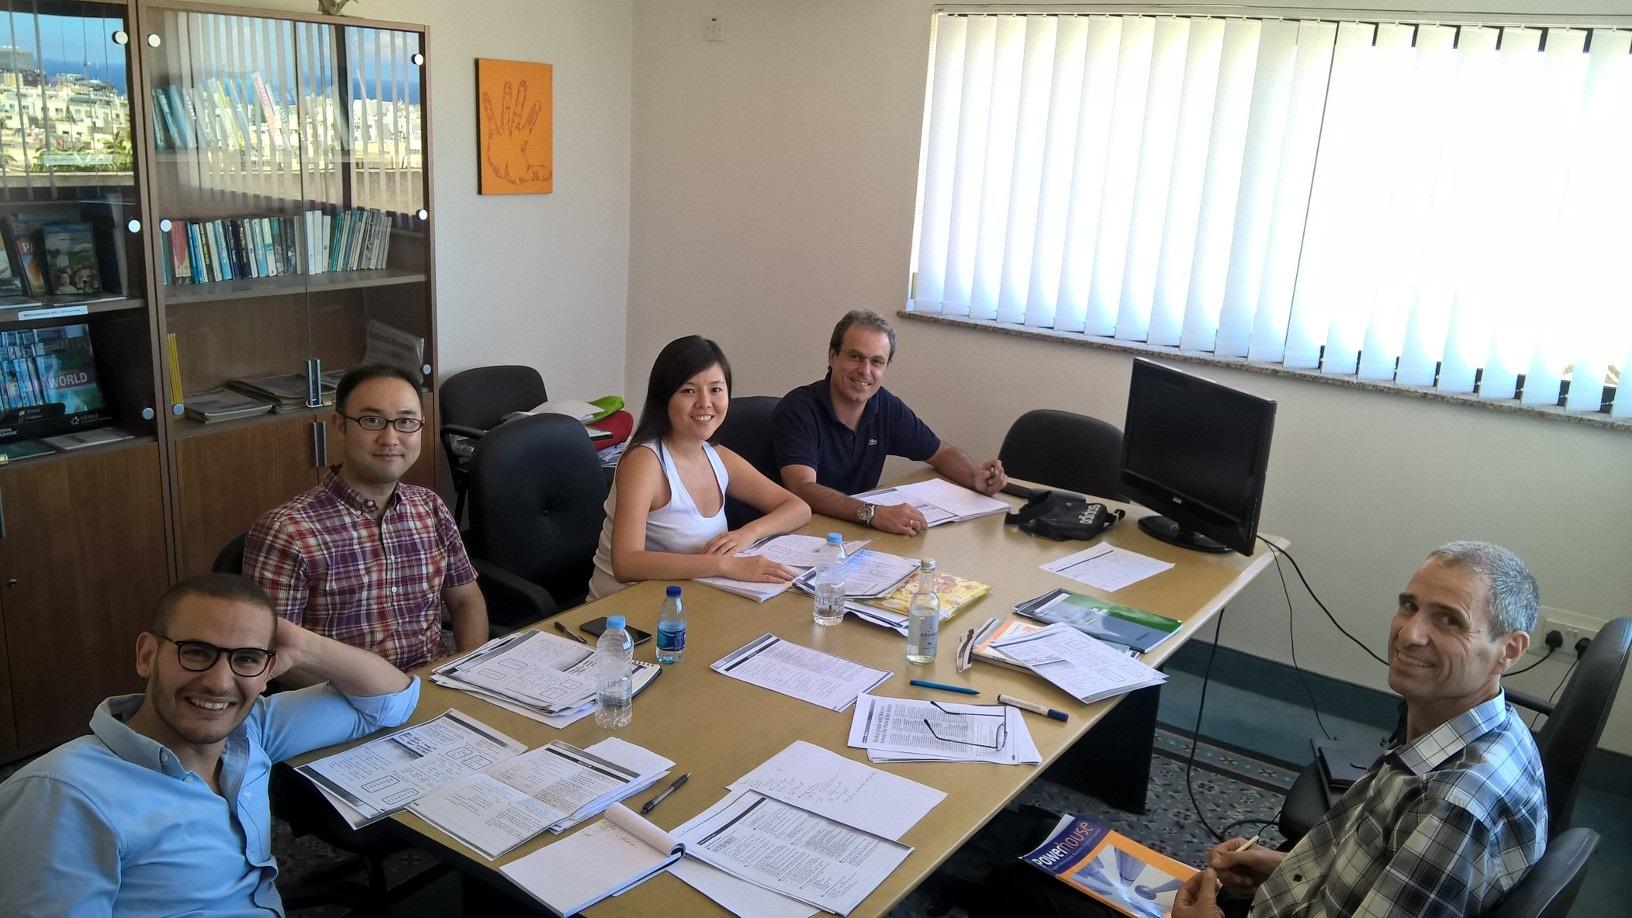 cours de formation des enseignants Lehrerausbildungskurse Malta Schule cursos de formação de professores escola corsi di formazione per insegnanti učitelské kurzy cursos de formación docente